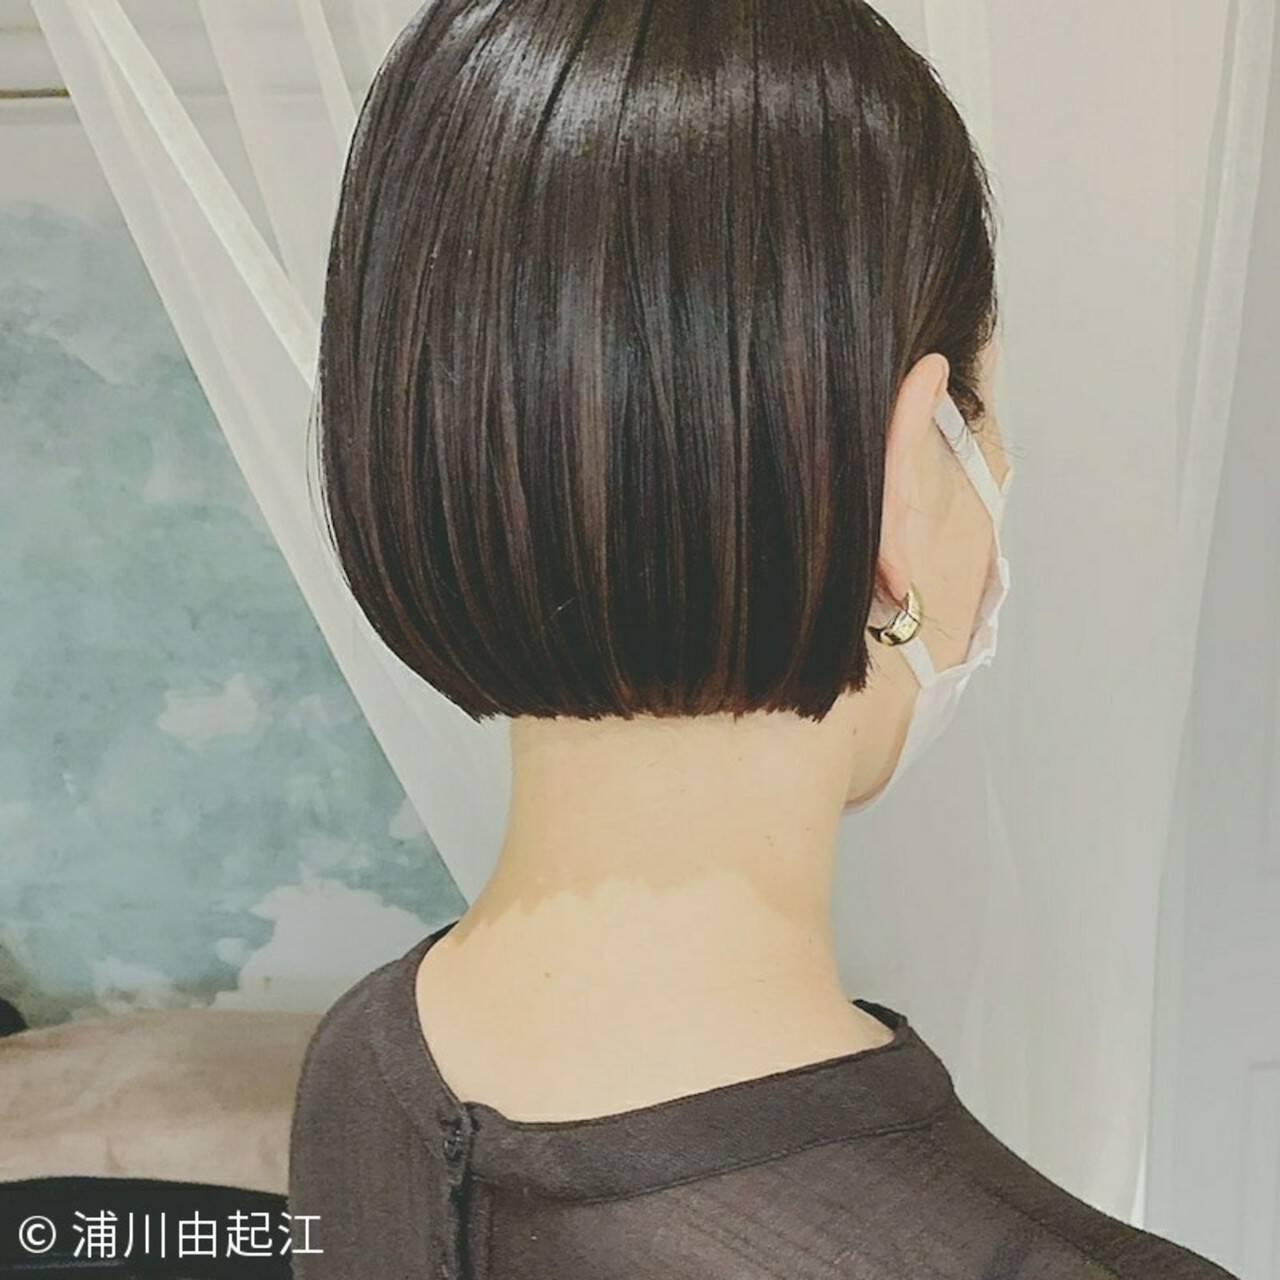 ミニボブ 縮毛矯正 ナチュラル 黒髪ヘアスタイルや髪型の写真・画像